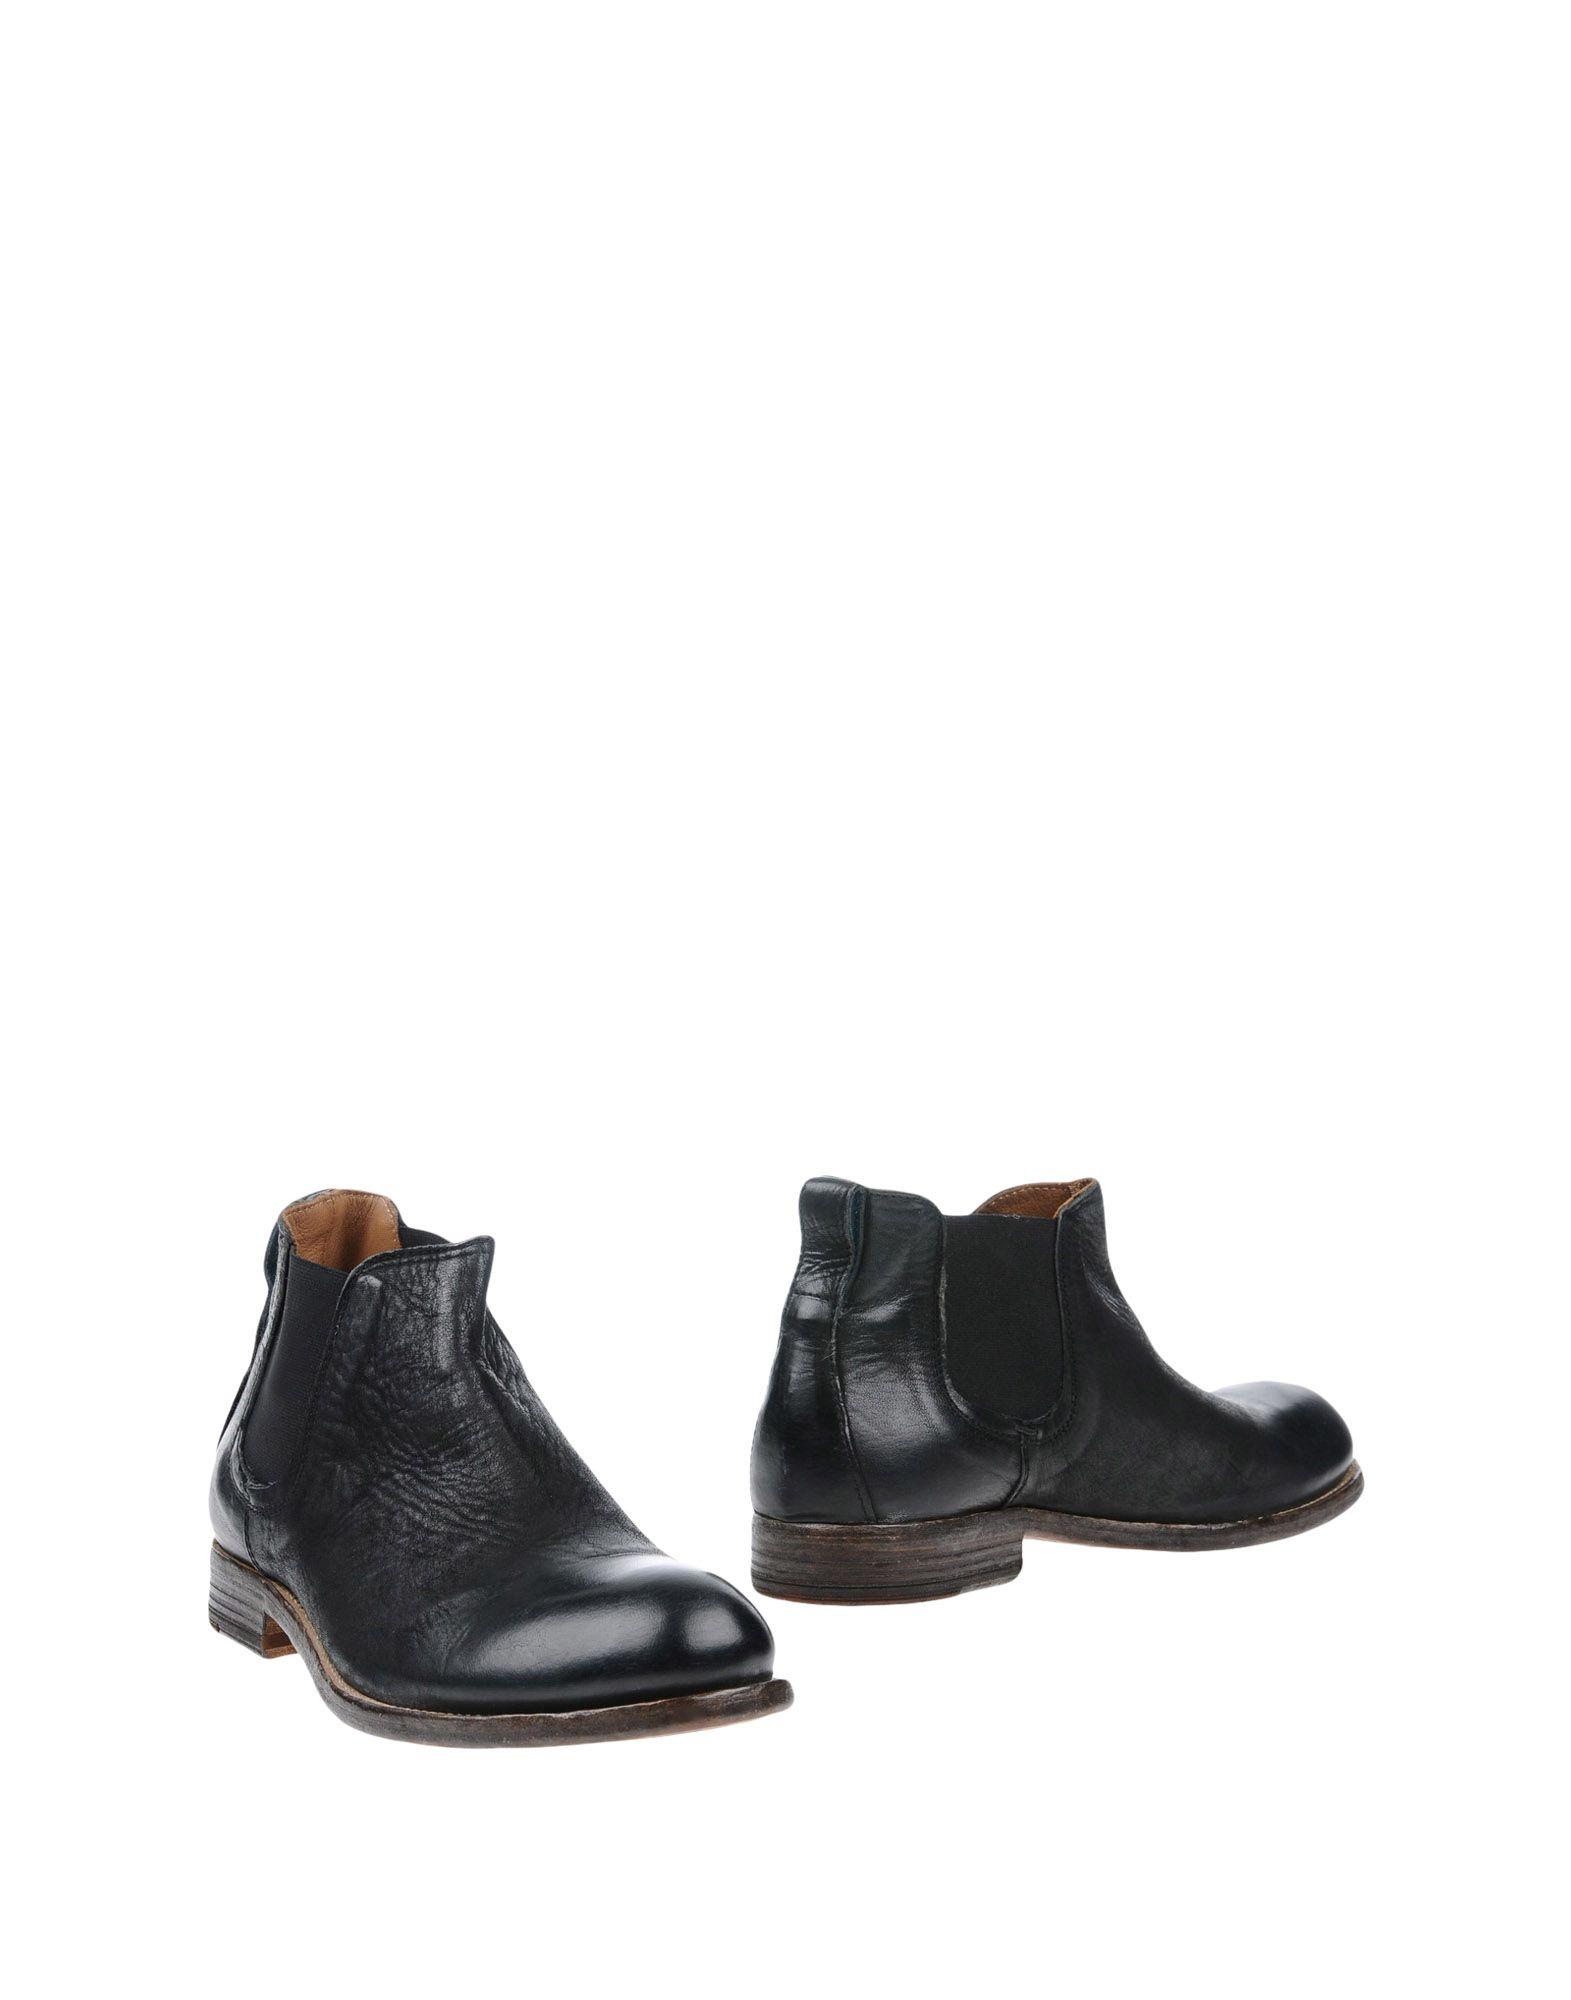 MOMA Полусапоги и высокие ботинки купить футбольную форму челси торрес